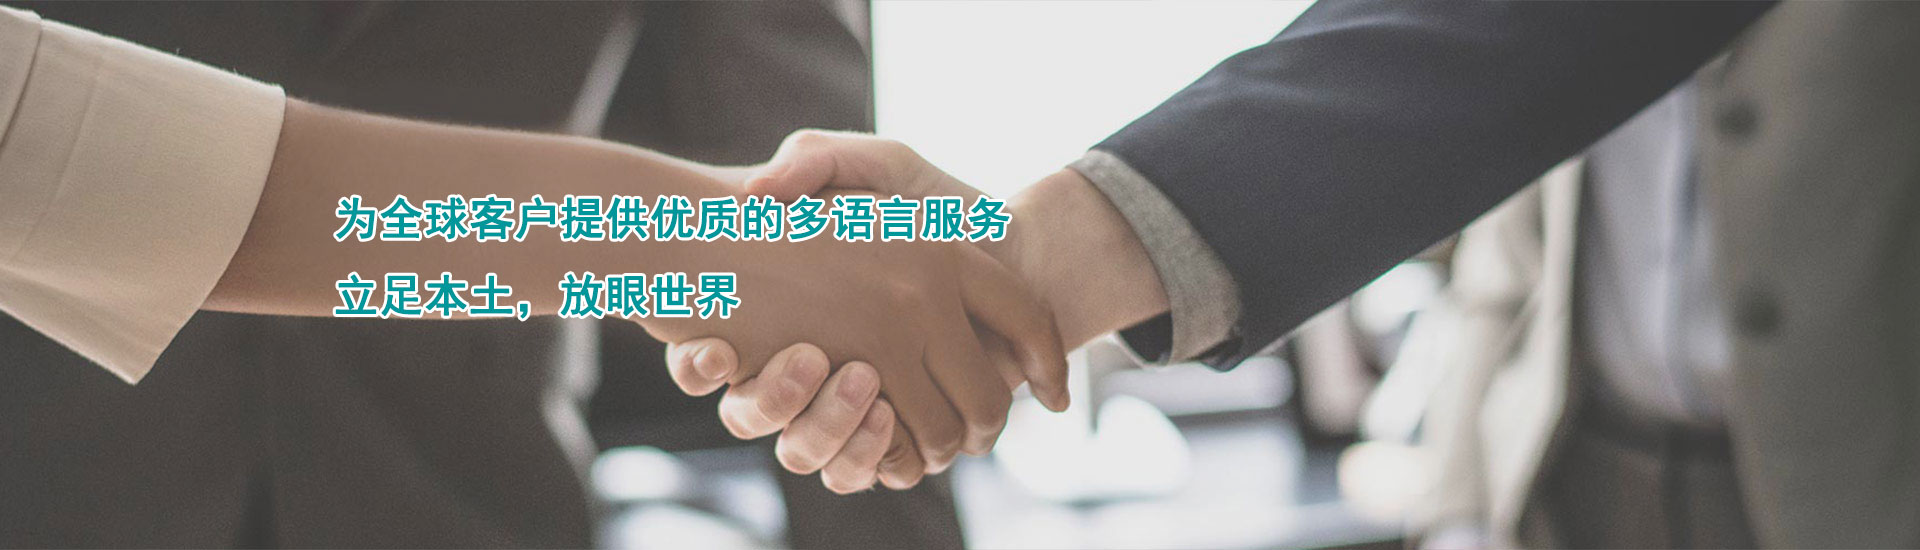 扬州翻译公司